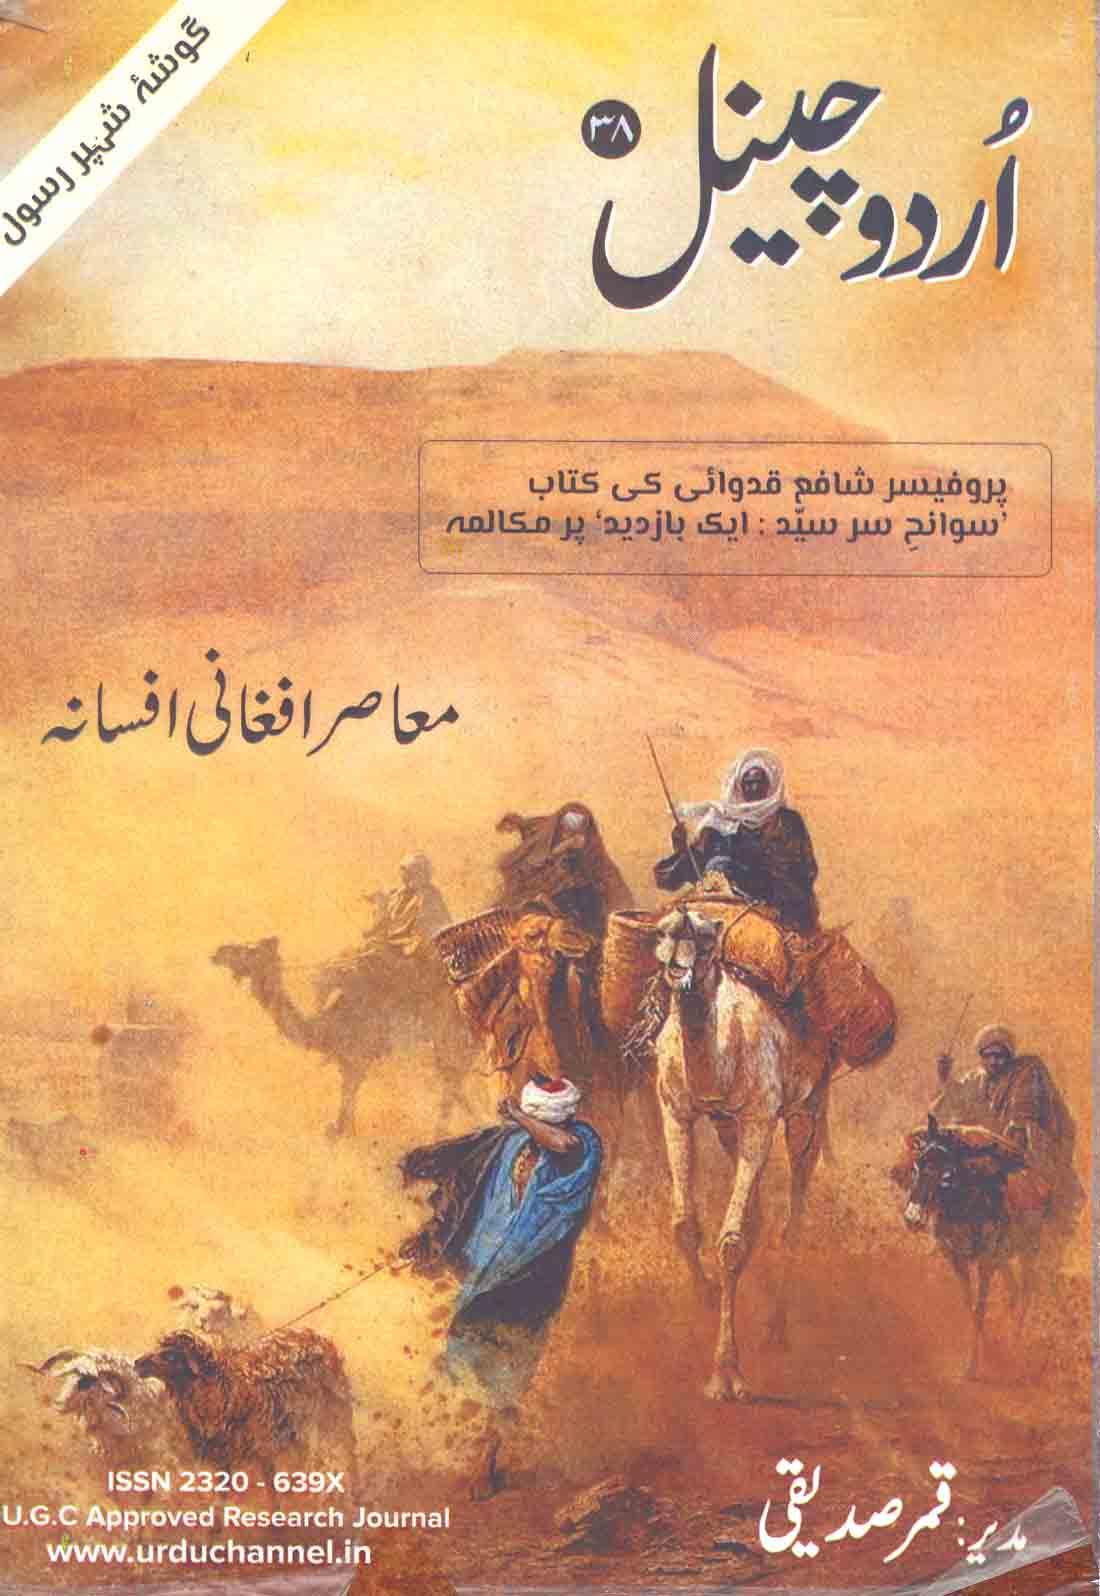 Urdu Channel